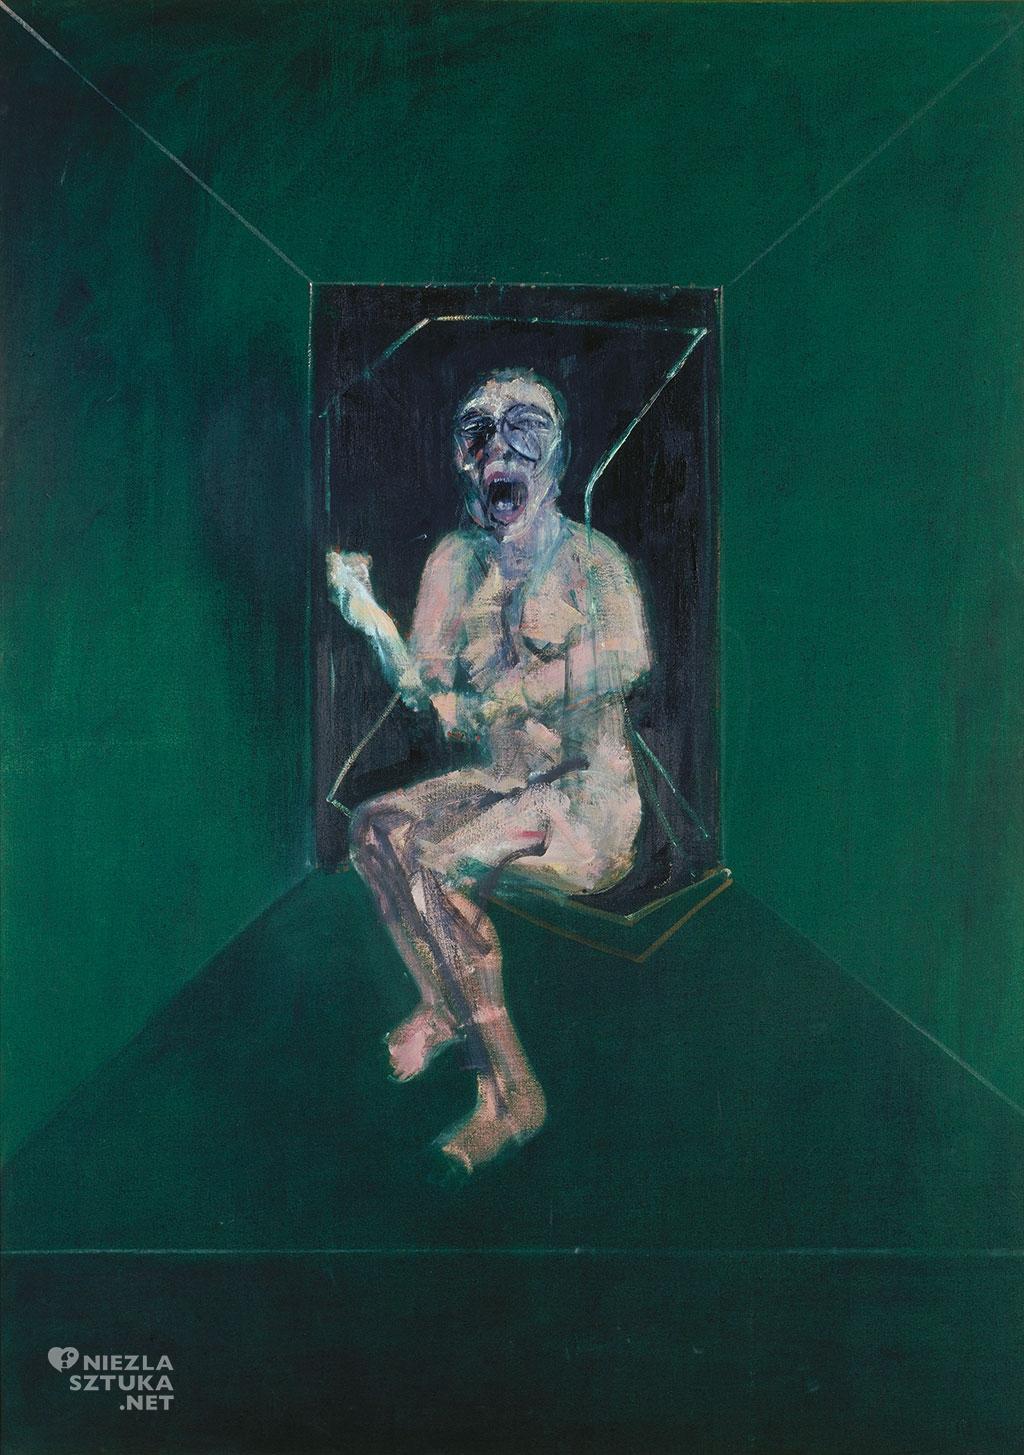 Francis Bacon, studium, Pancernik Potiomkin, niezła sztuka